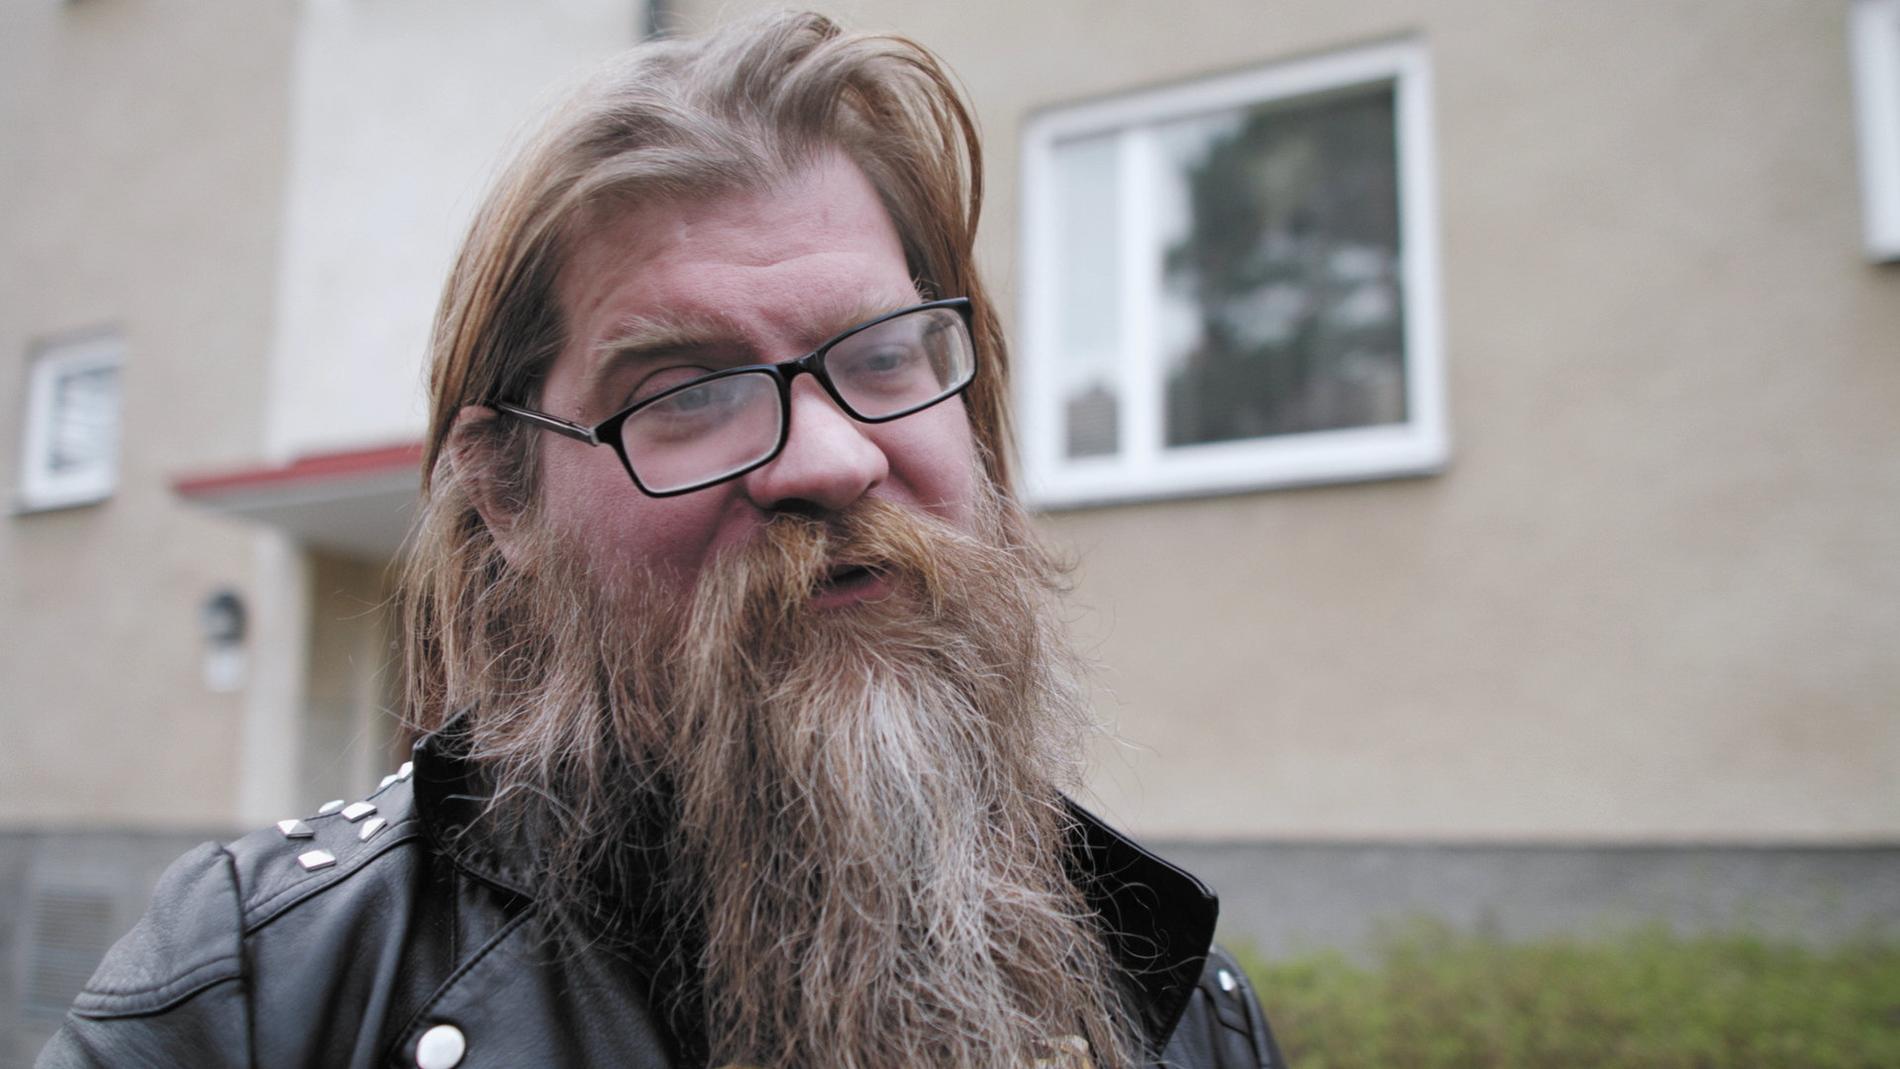 """Det var Martin Iliou själv som insisterade på att vännen Mattias Sjöstedt skulle filma alla deras möten. """"Jag fick en instinktiv känsla av att det som hände var viktigt"""", säger han. Pressbild."""